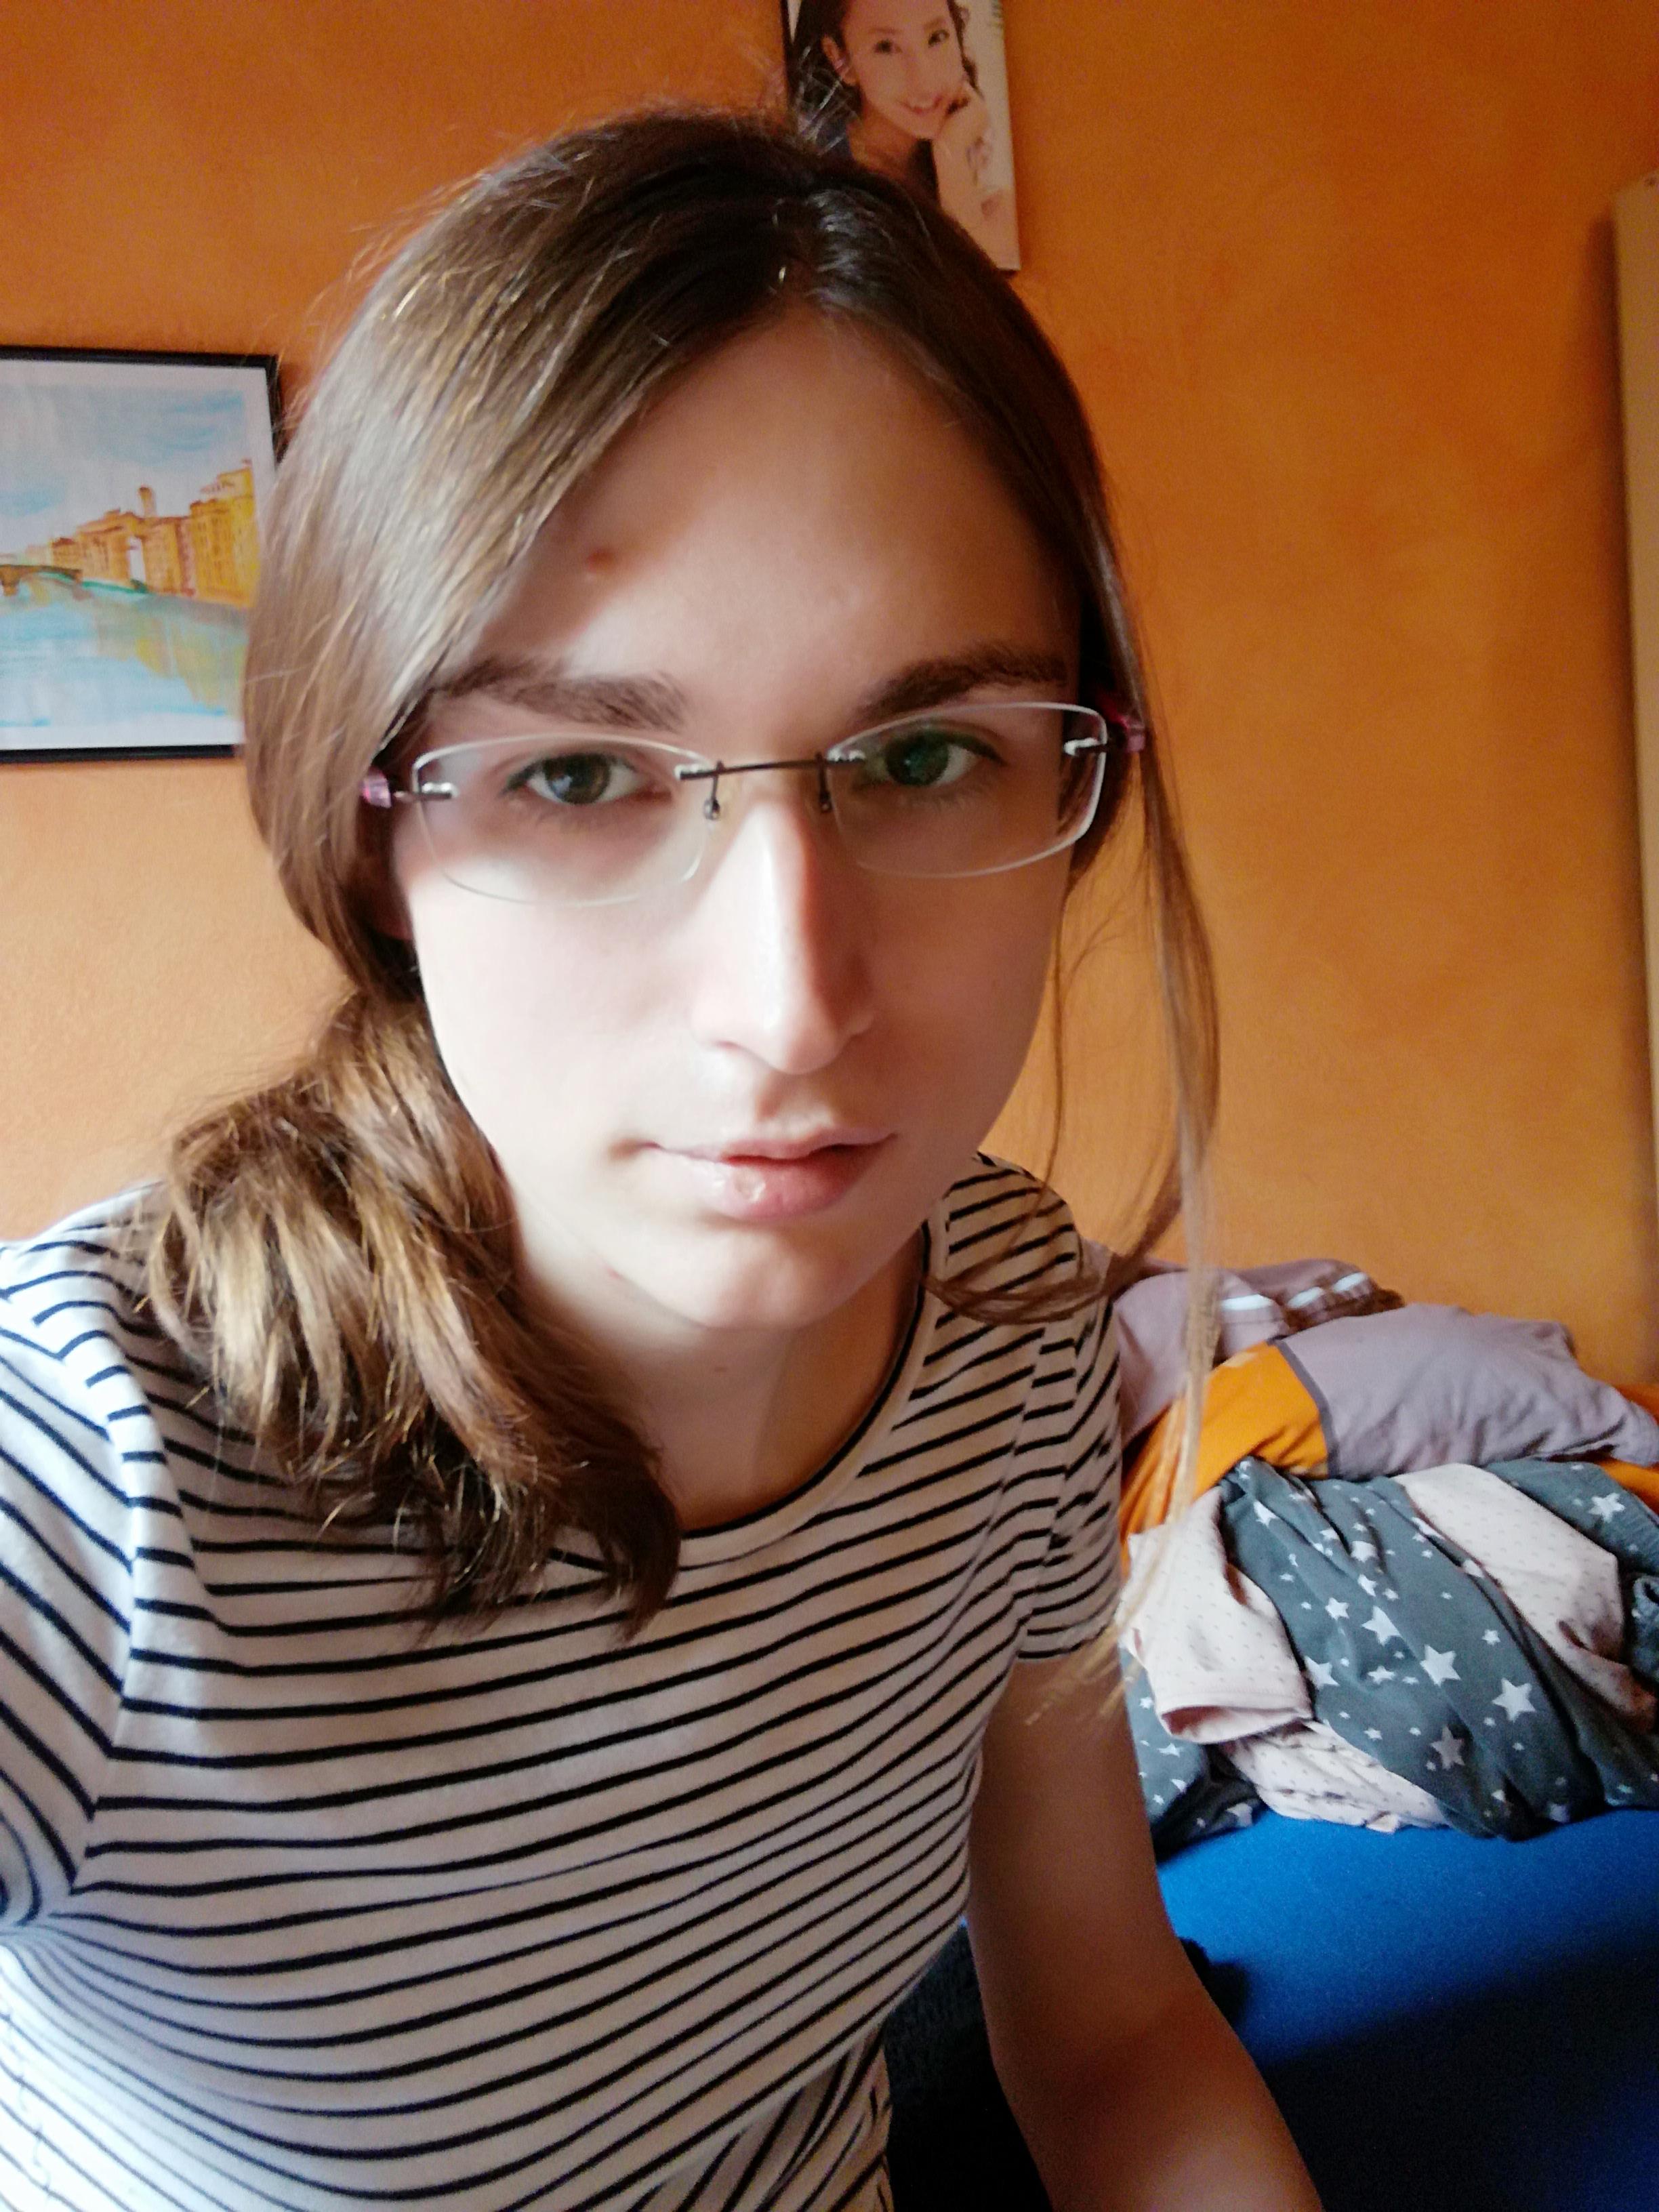 Melina Thevenot